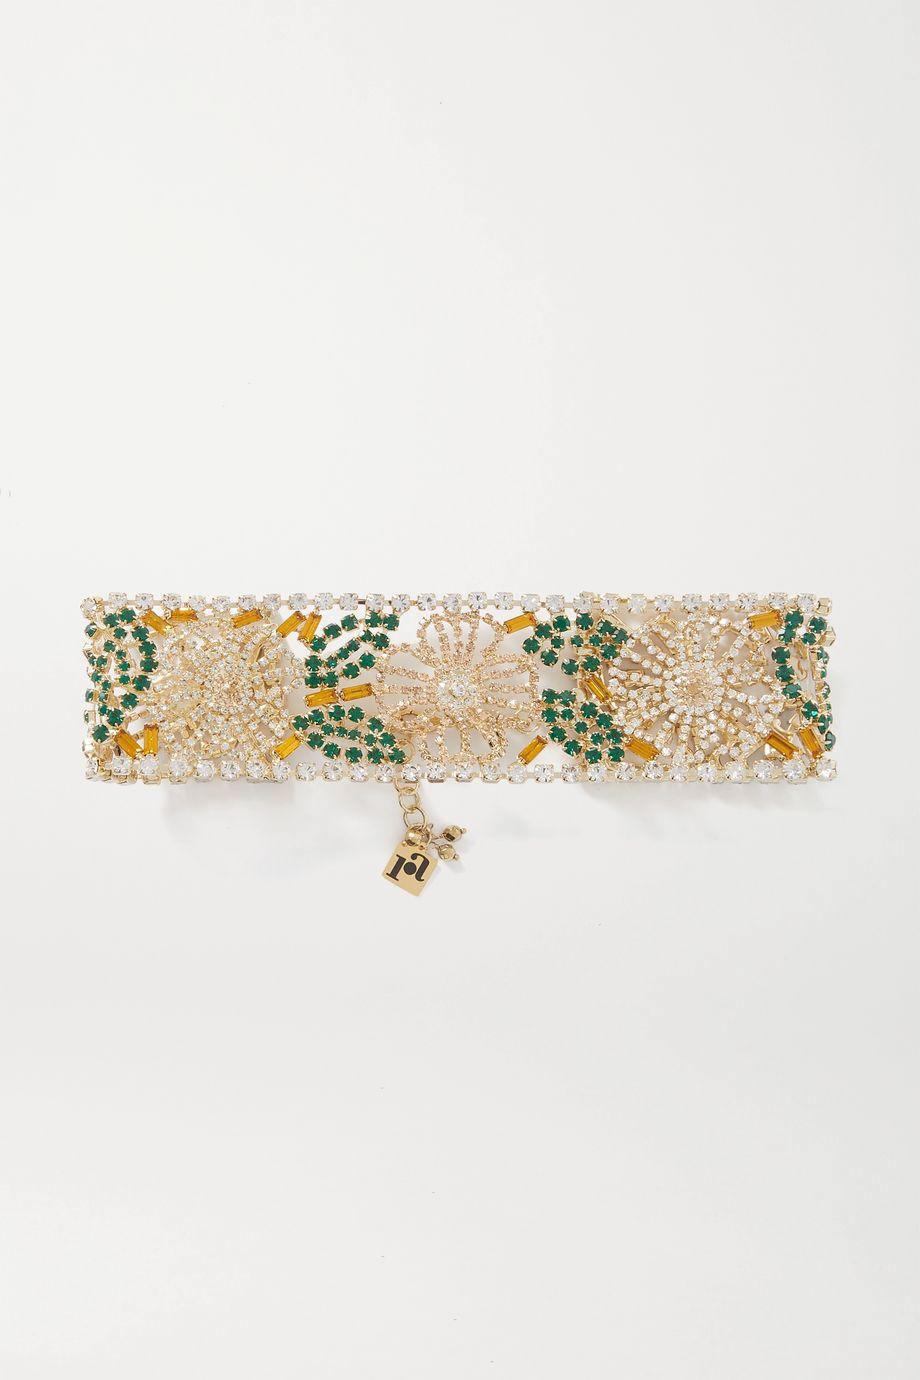 Rosantica Briscola 水晶金色项圈式项链